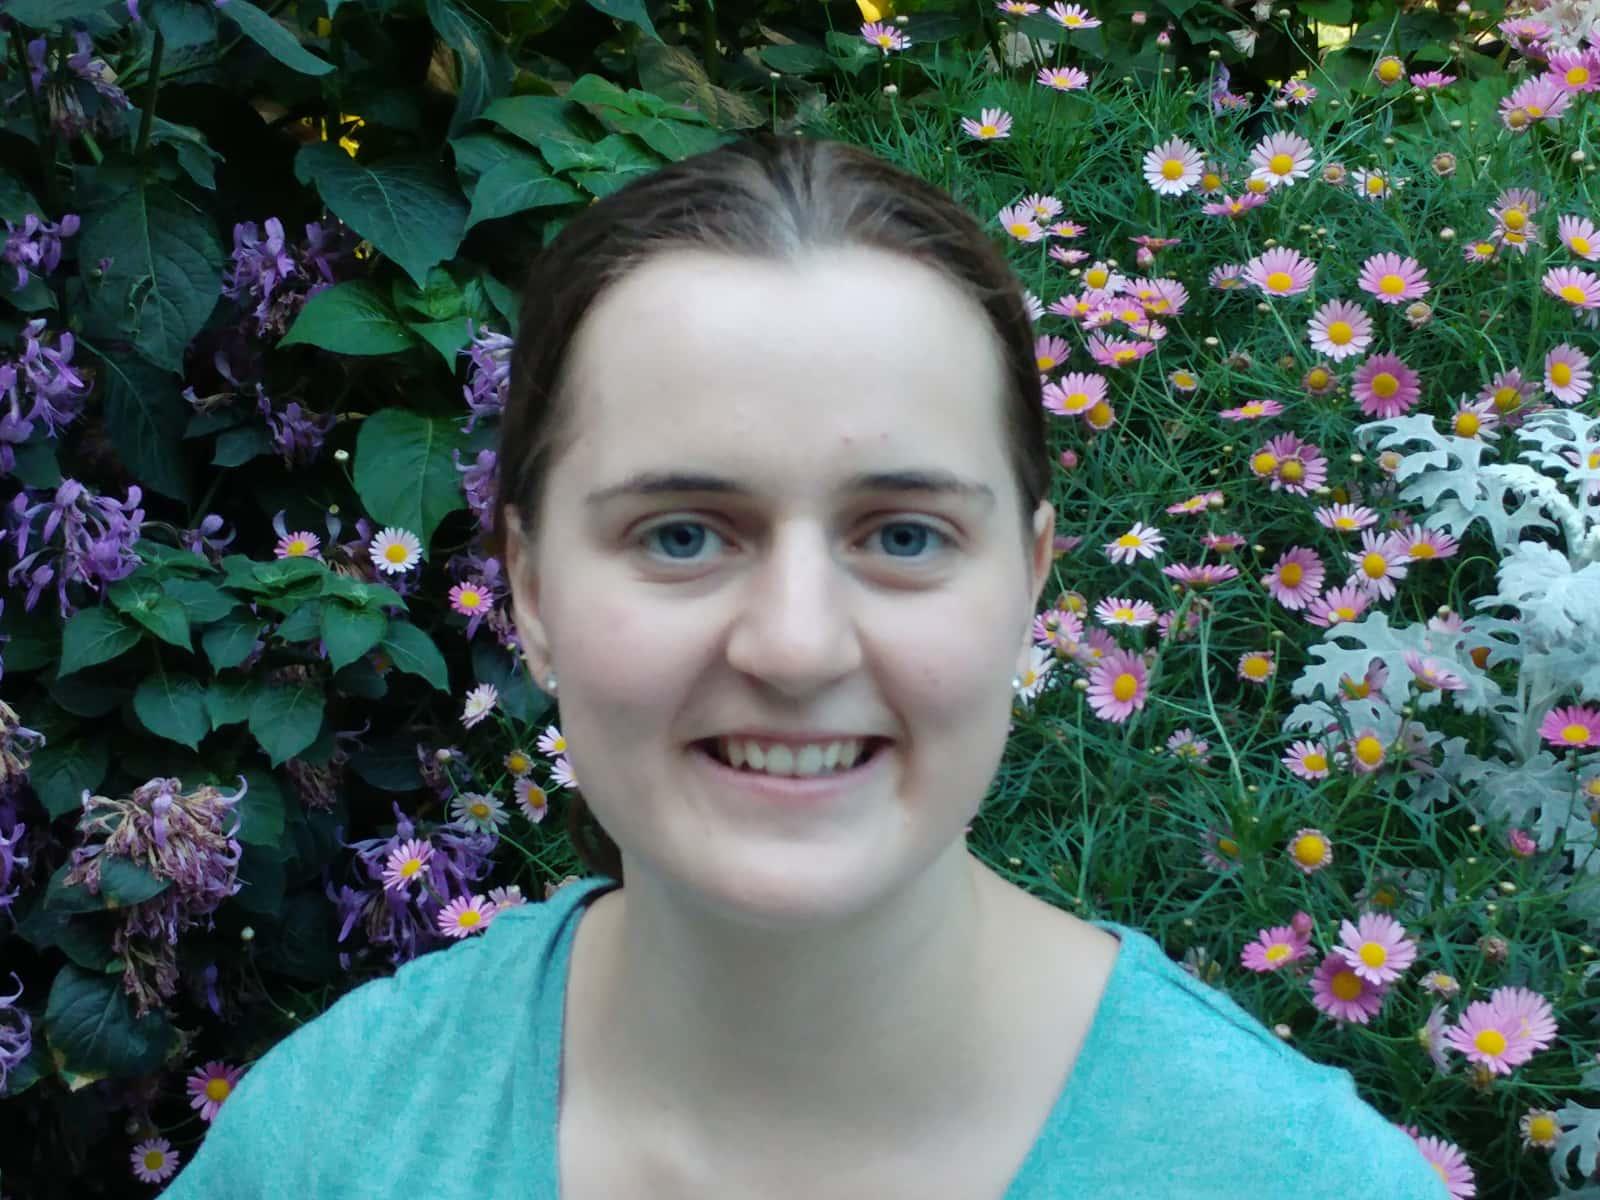 Rachel from Mornington, Victoria, Australia